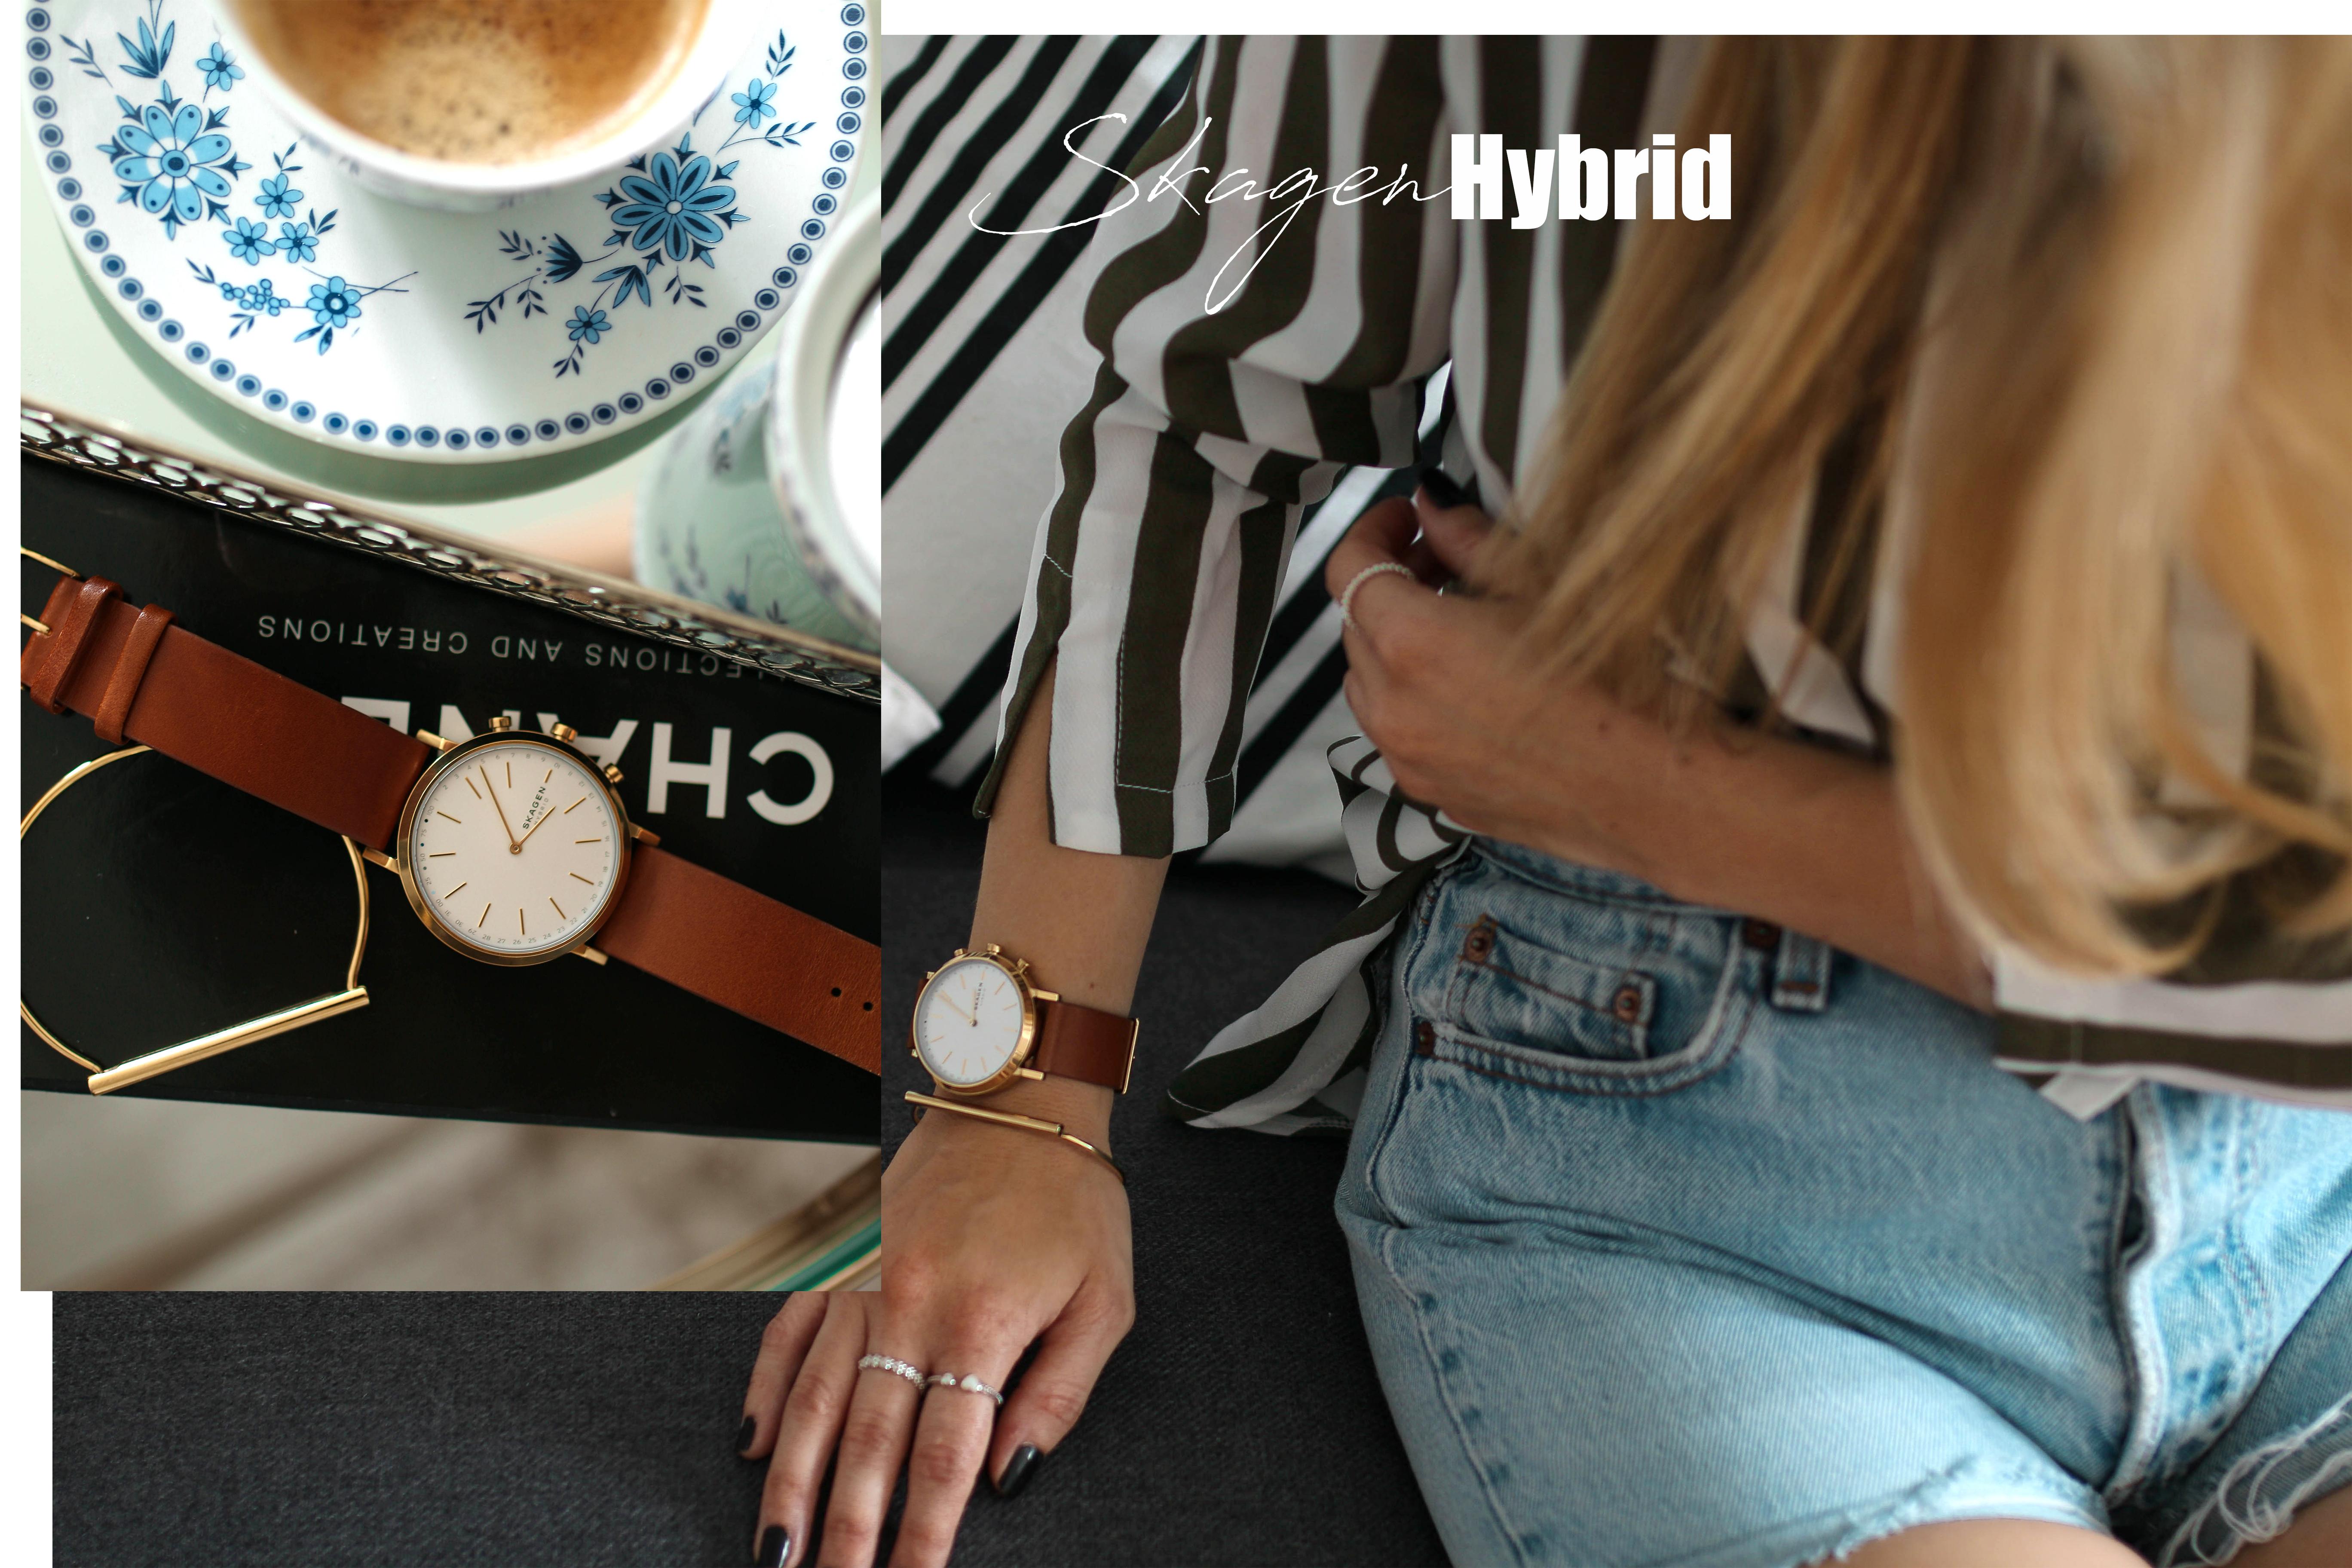 skagen hybrid smartwatch collage blog